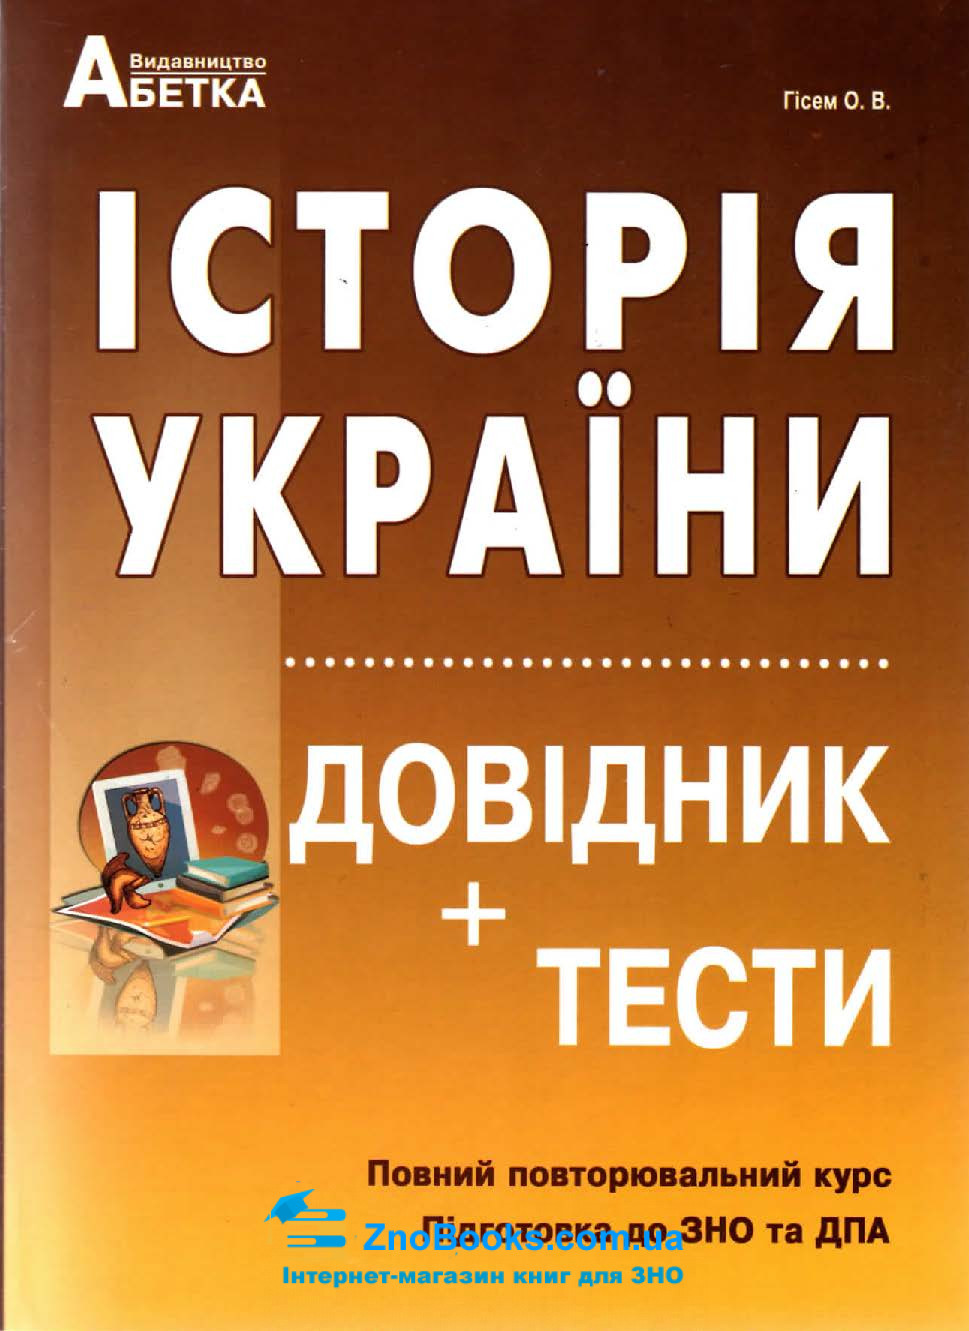 Історія України ЗНО 2020. Довідник + тести. Гісем О. Вид-во: Абетка. купити  0